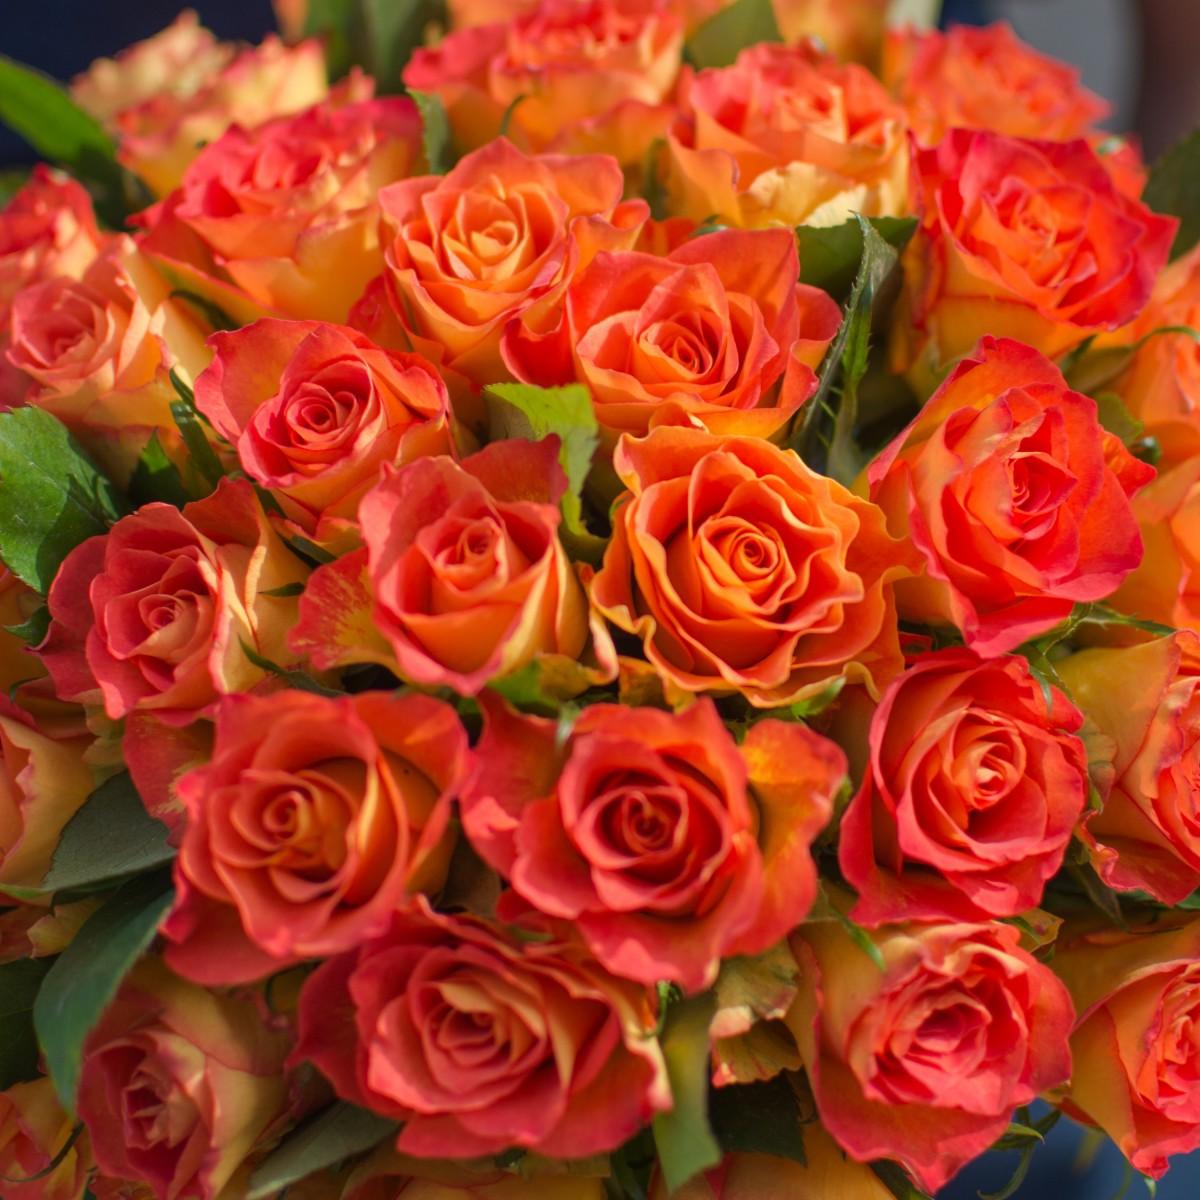 Рыжий шарик роз